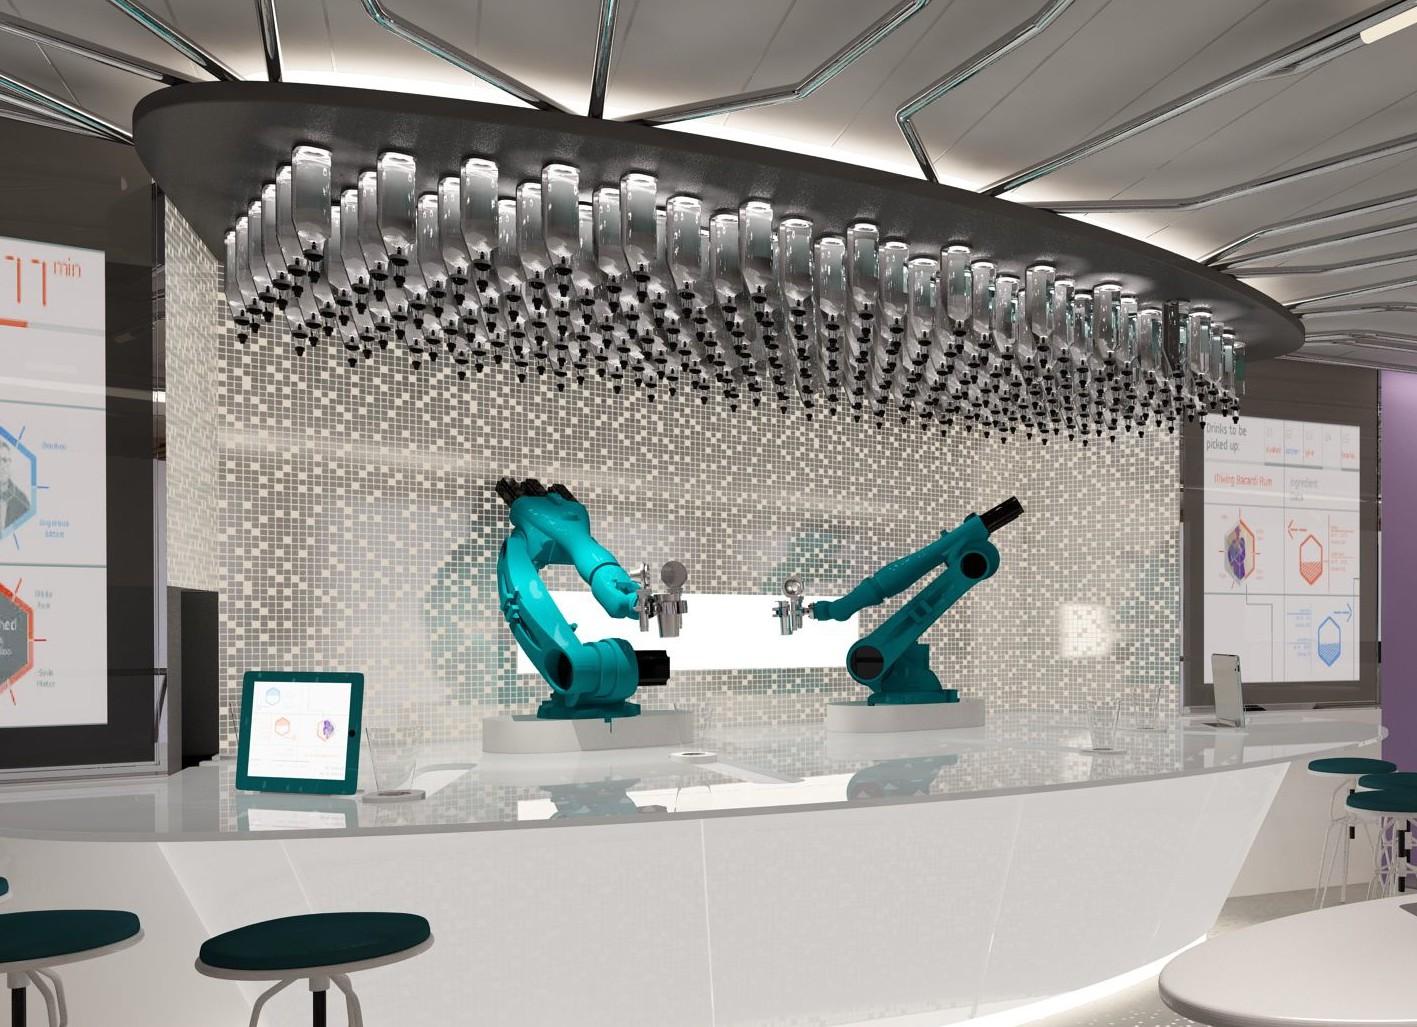 Metal bar: The robotic bar tenders prepare your cocktail